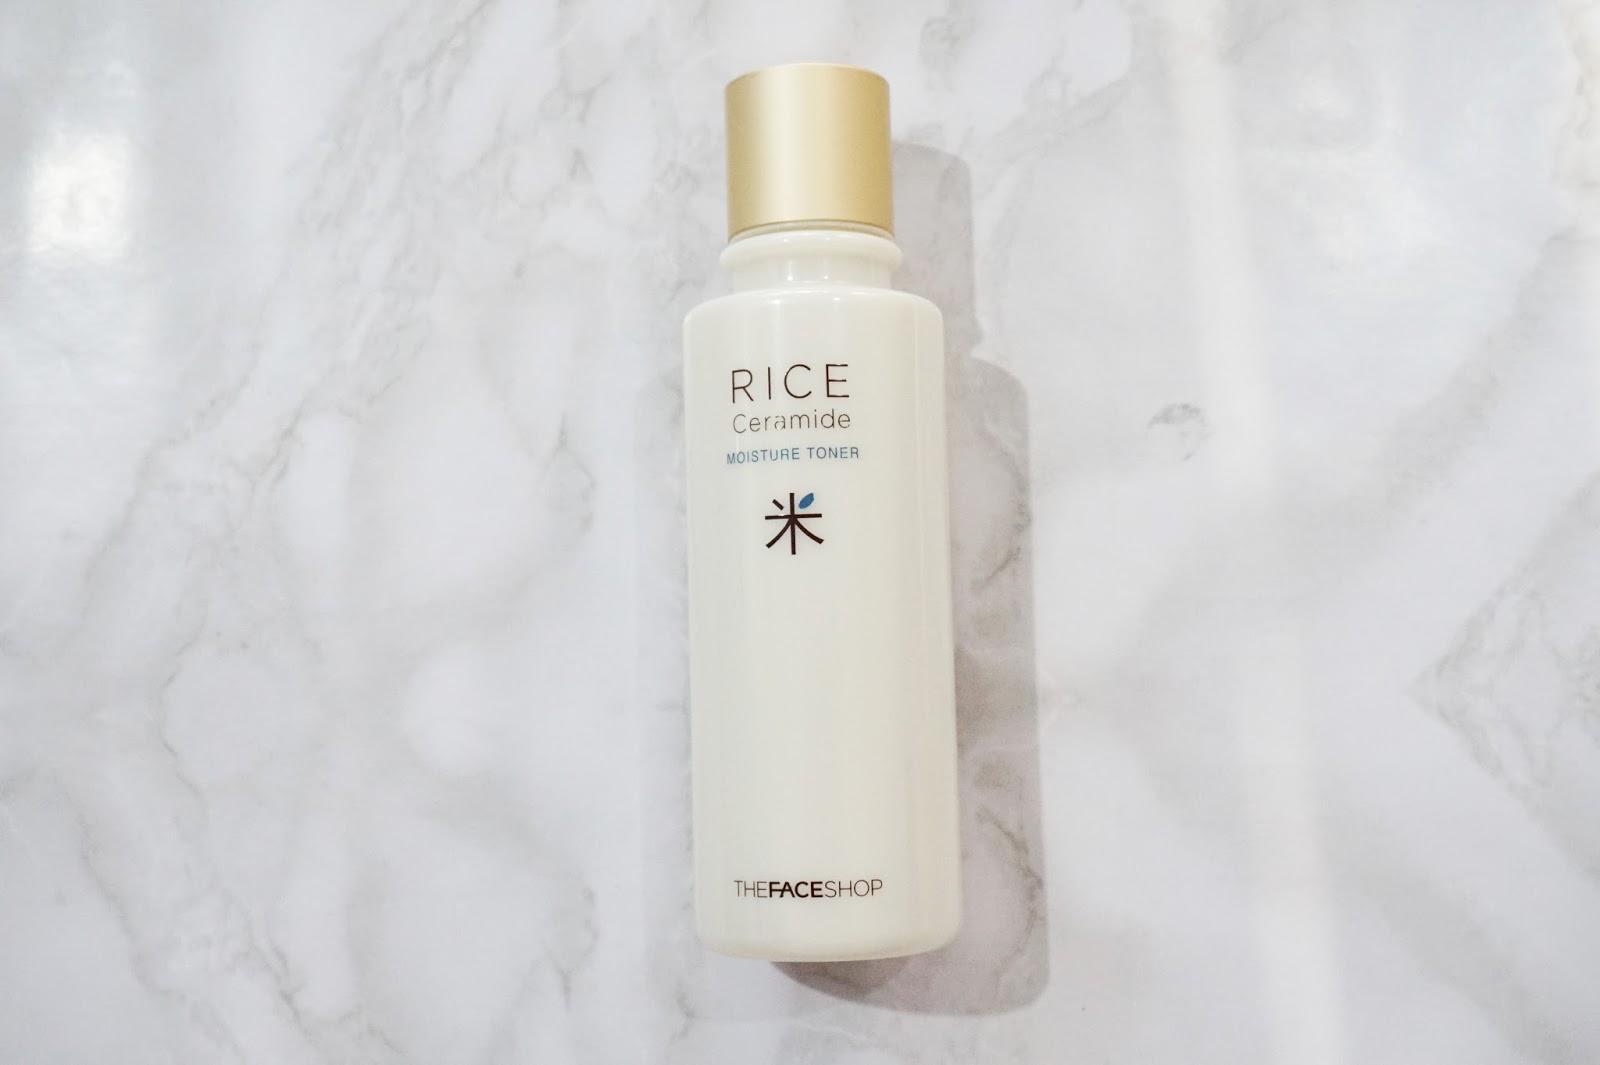 the face shop rice ceramide moisture toner review